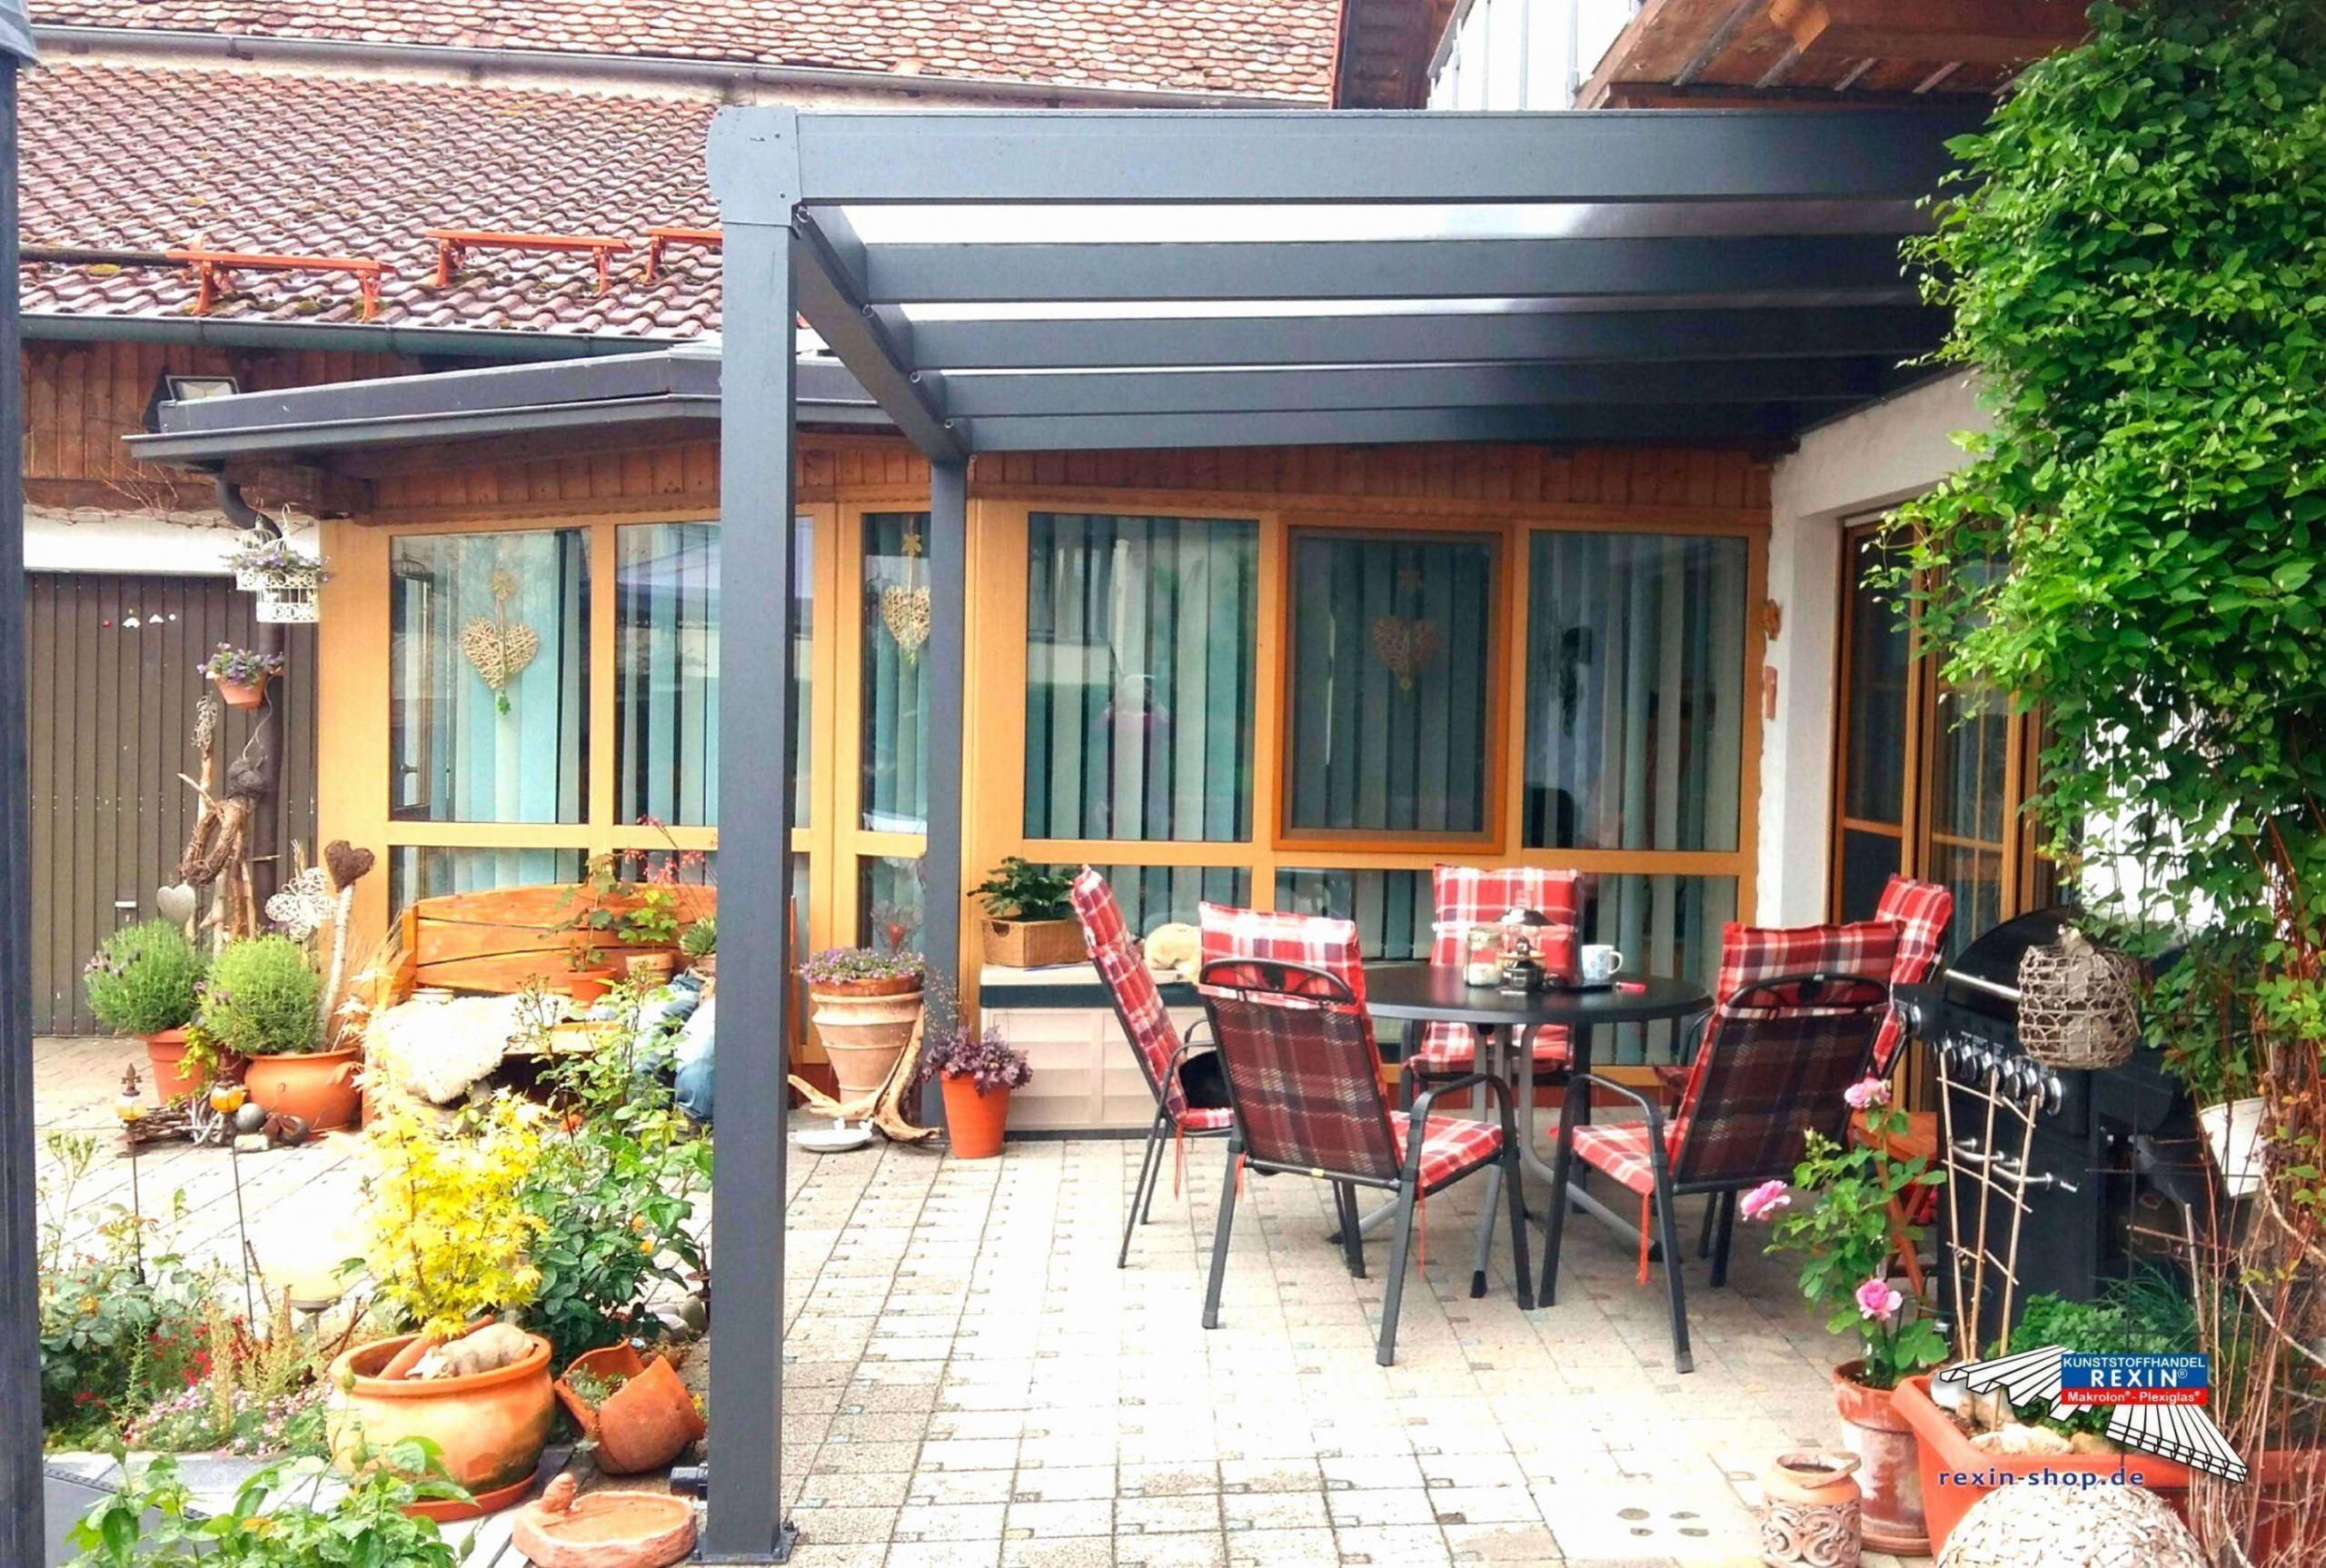 deko garten selber machen neu deko balkon schon balkon dekorieren 0d gartendeko selbst gemacht gartendeko selbst gemacht